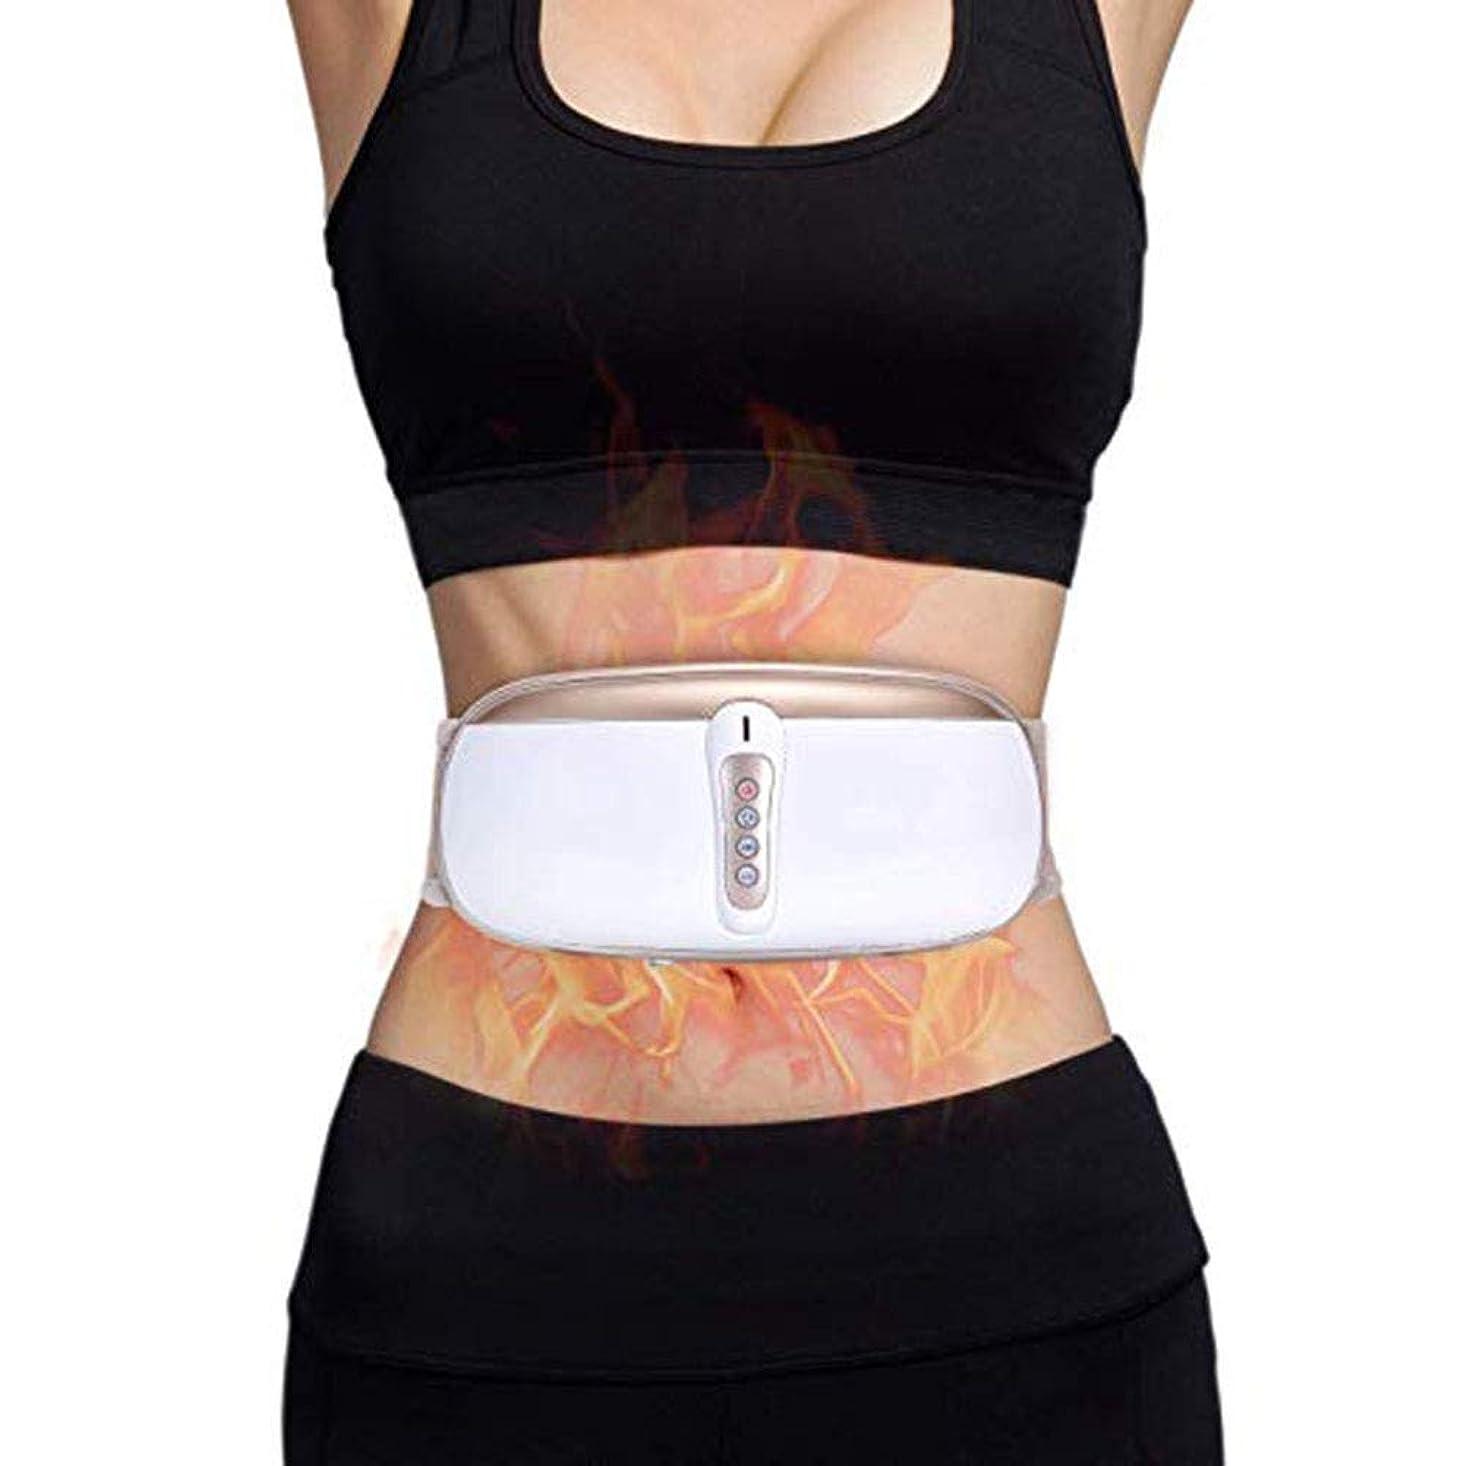 真似る追放手がかりスリミングベルト、 調整可能 振動マッサージ 減量機 女性の為に、 と 穏やかな熱、 4つのマッサージモード 腹脂肪バーナー、 血液循環を改善する、 消化を促進する